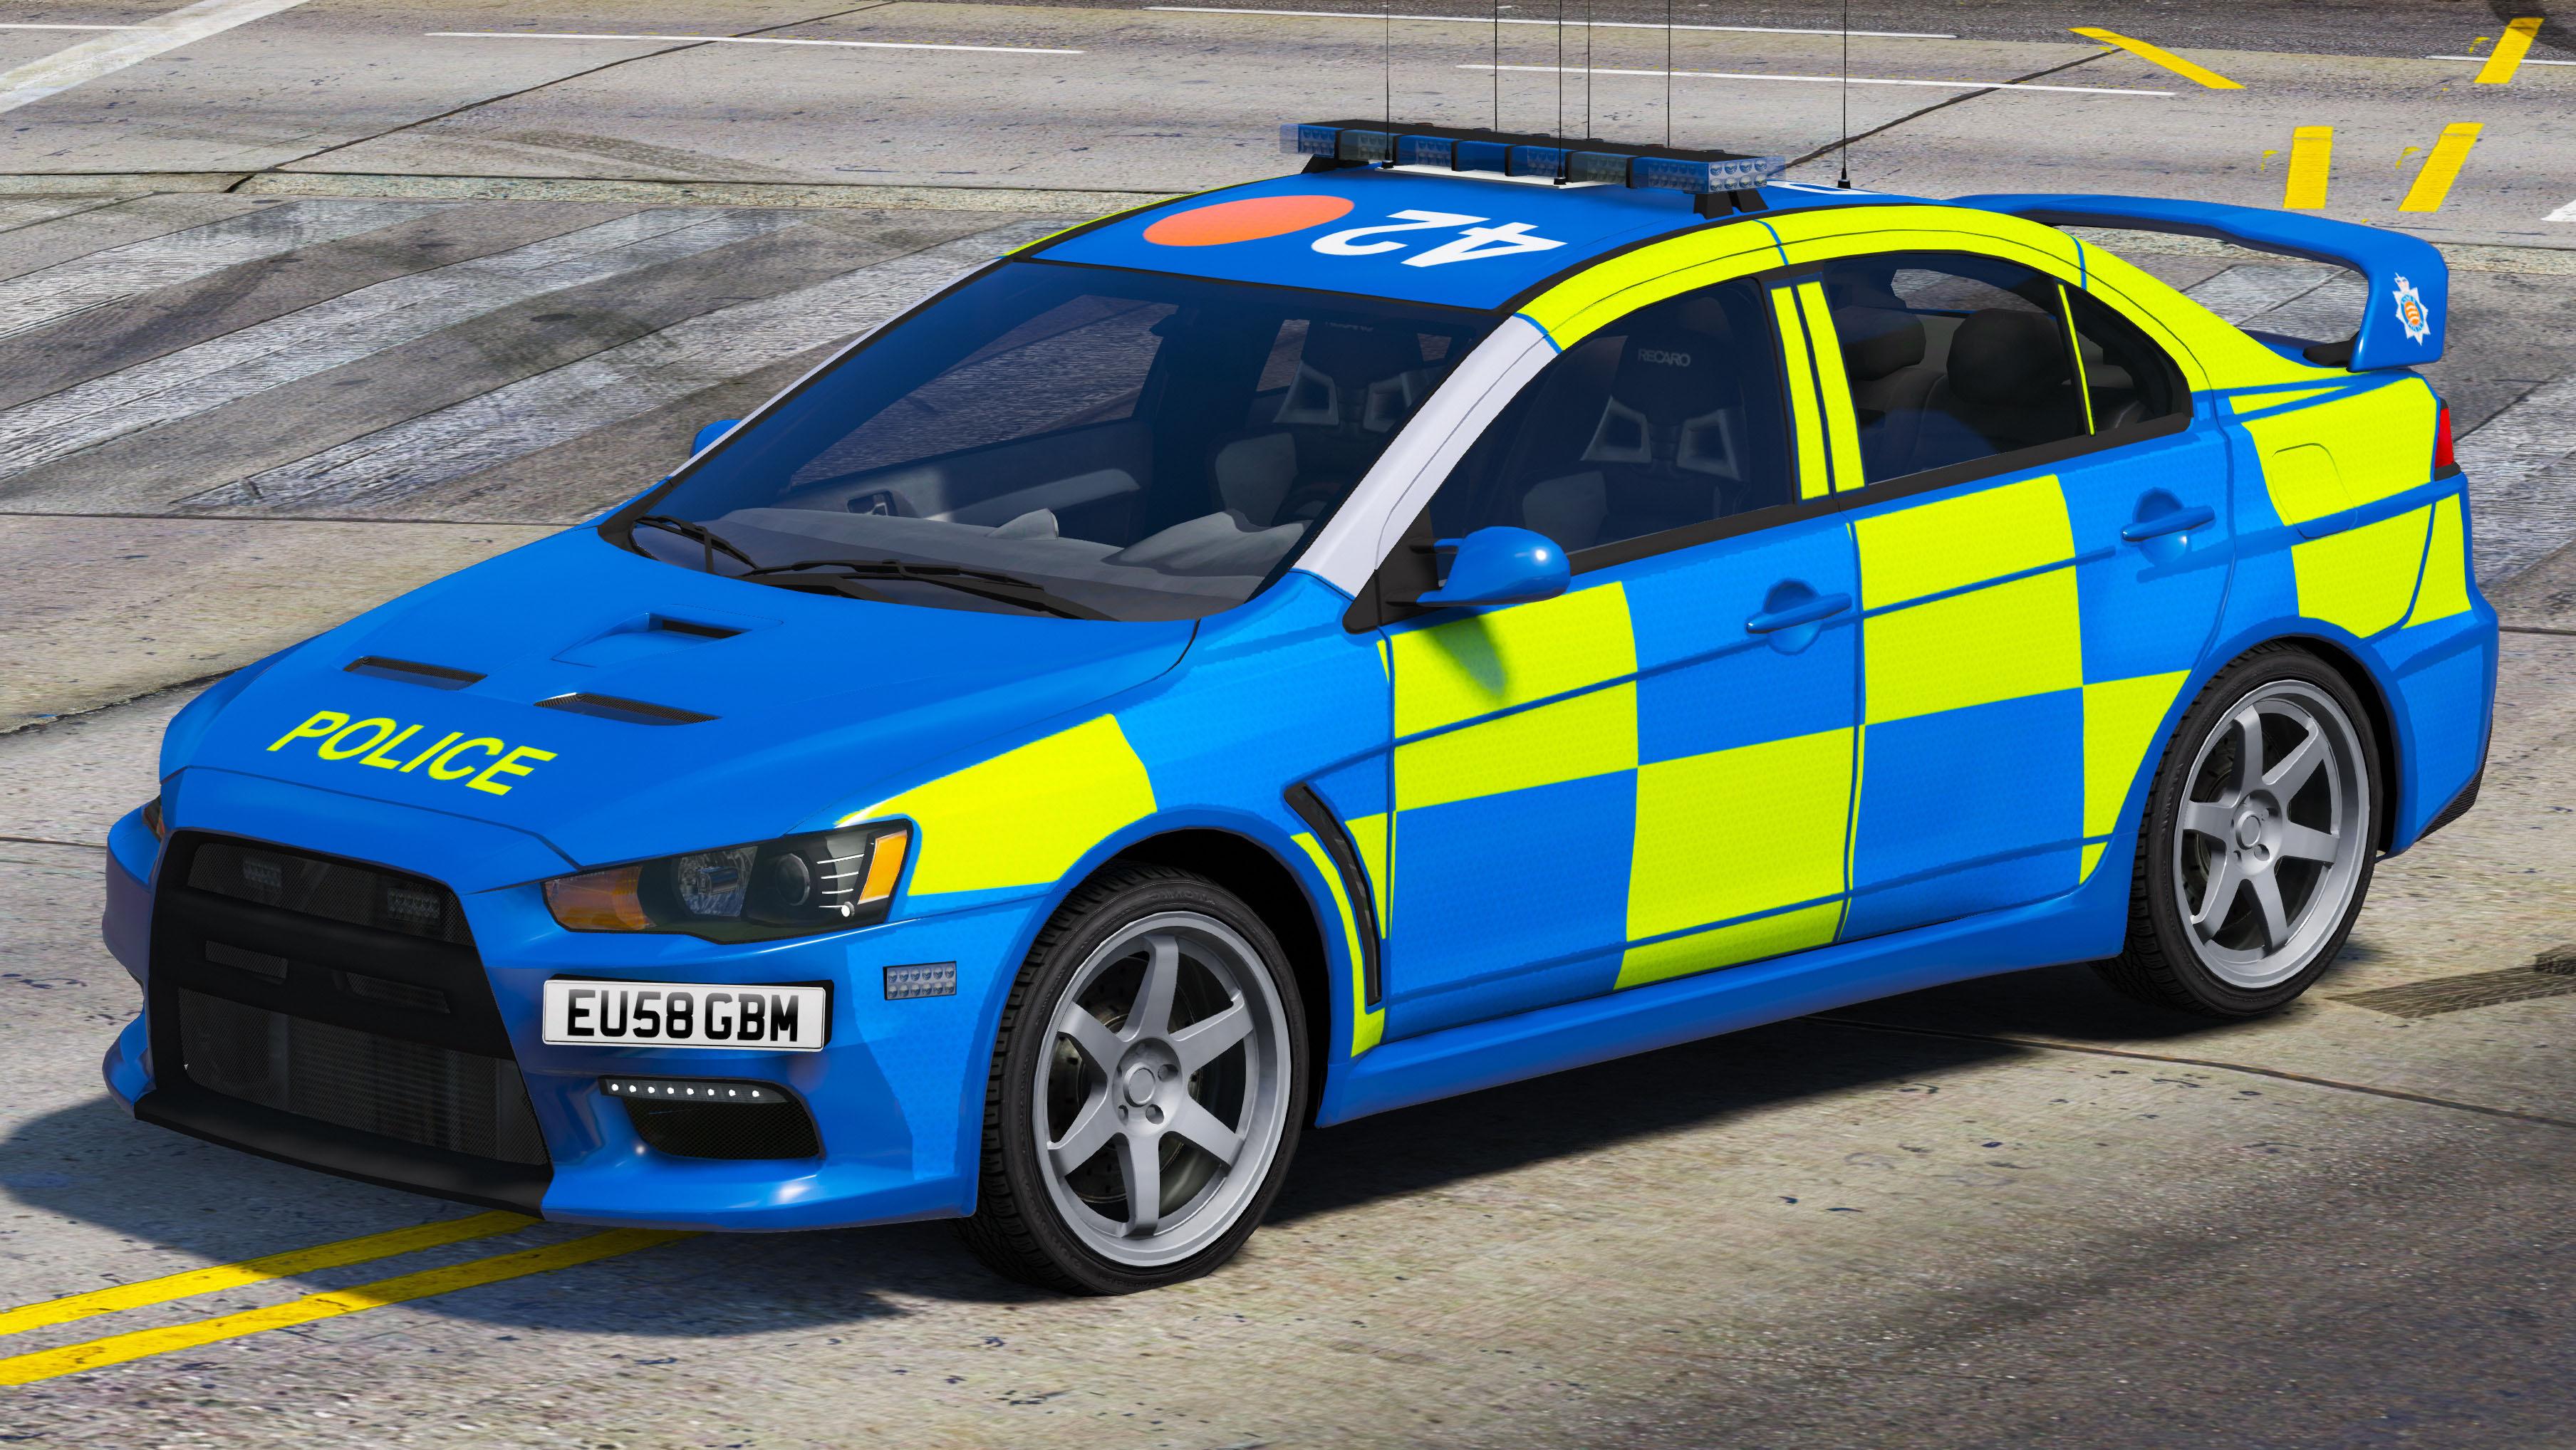 Essex Police Mitsubishi Evo X Gta5 Mods Com